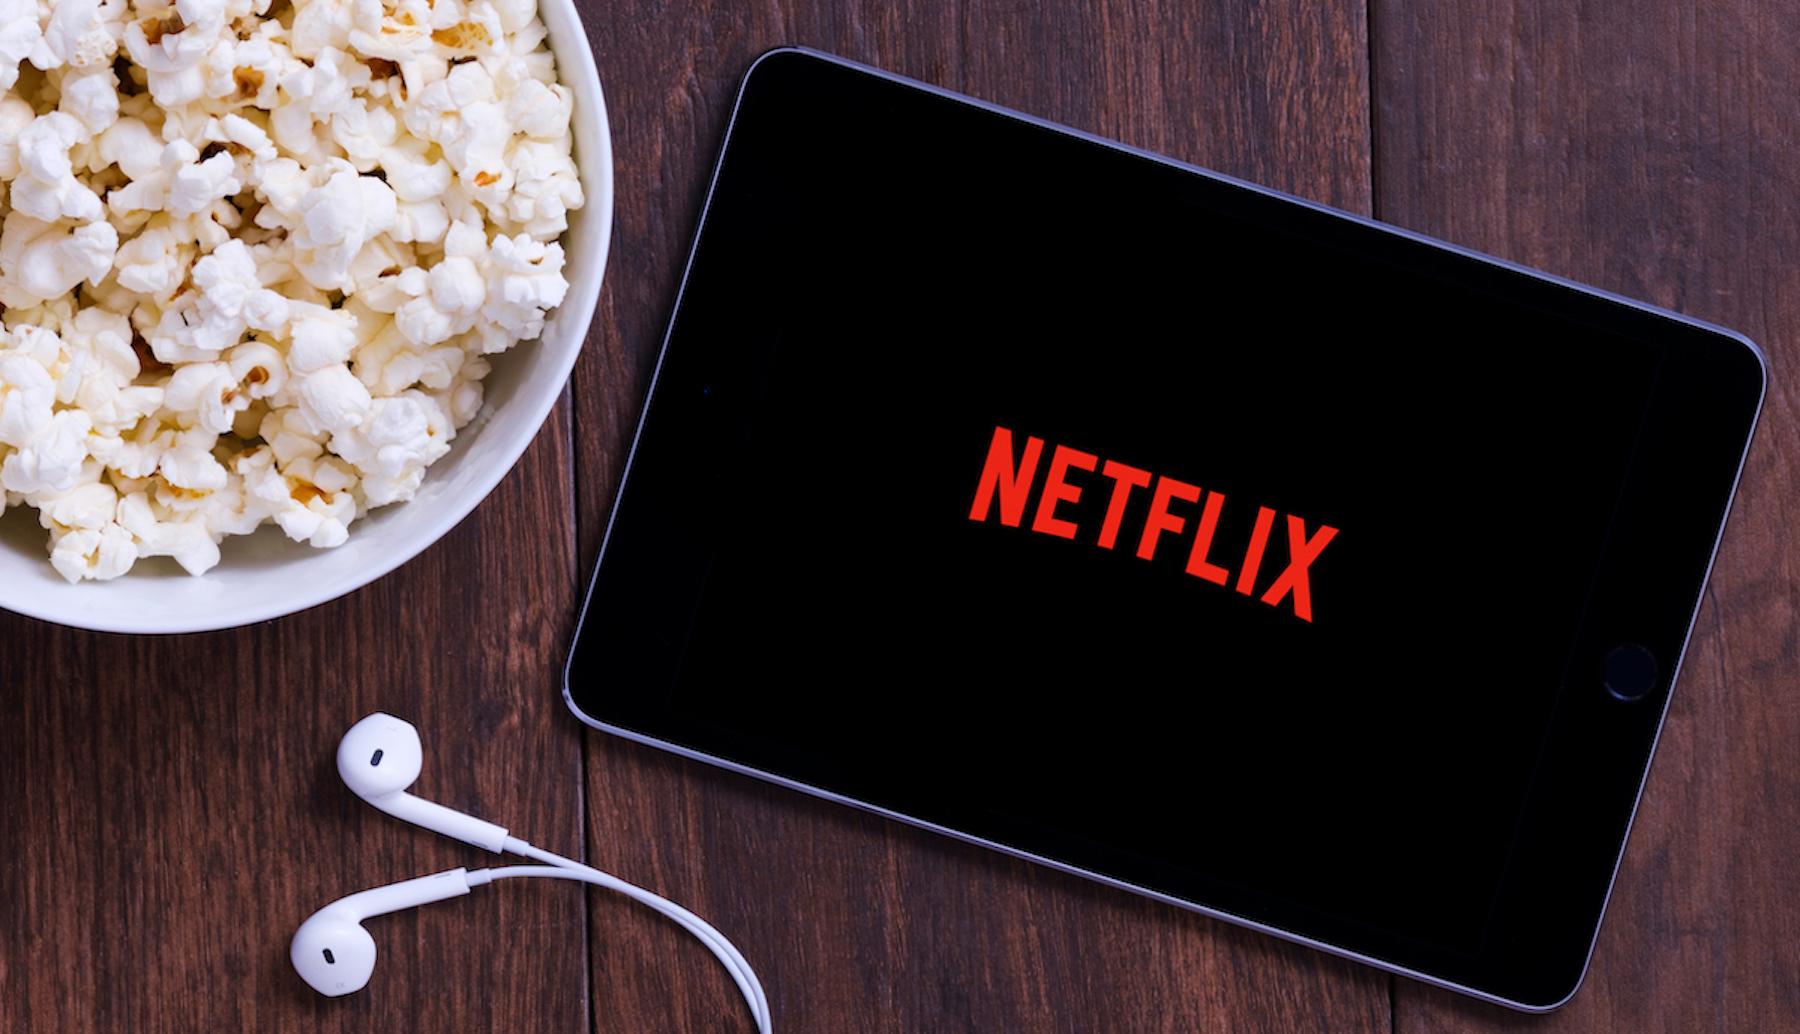 Sorpresa polita T-Mobile-en partetik.  Netflix-ek T-Mobile M-n kuota gehigarririk gabe urte erdi batez